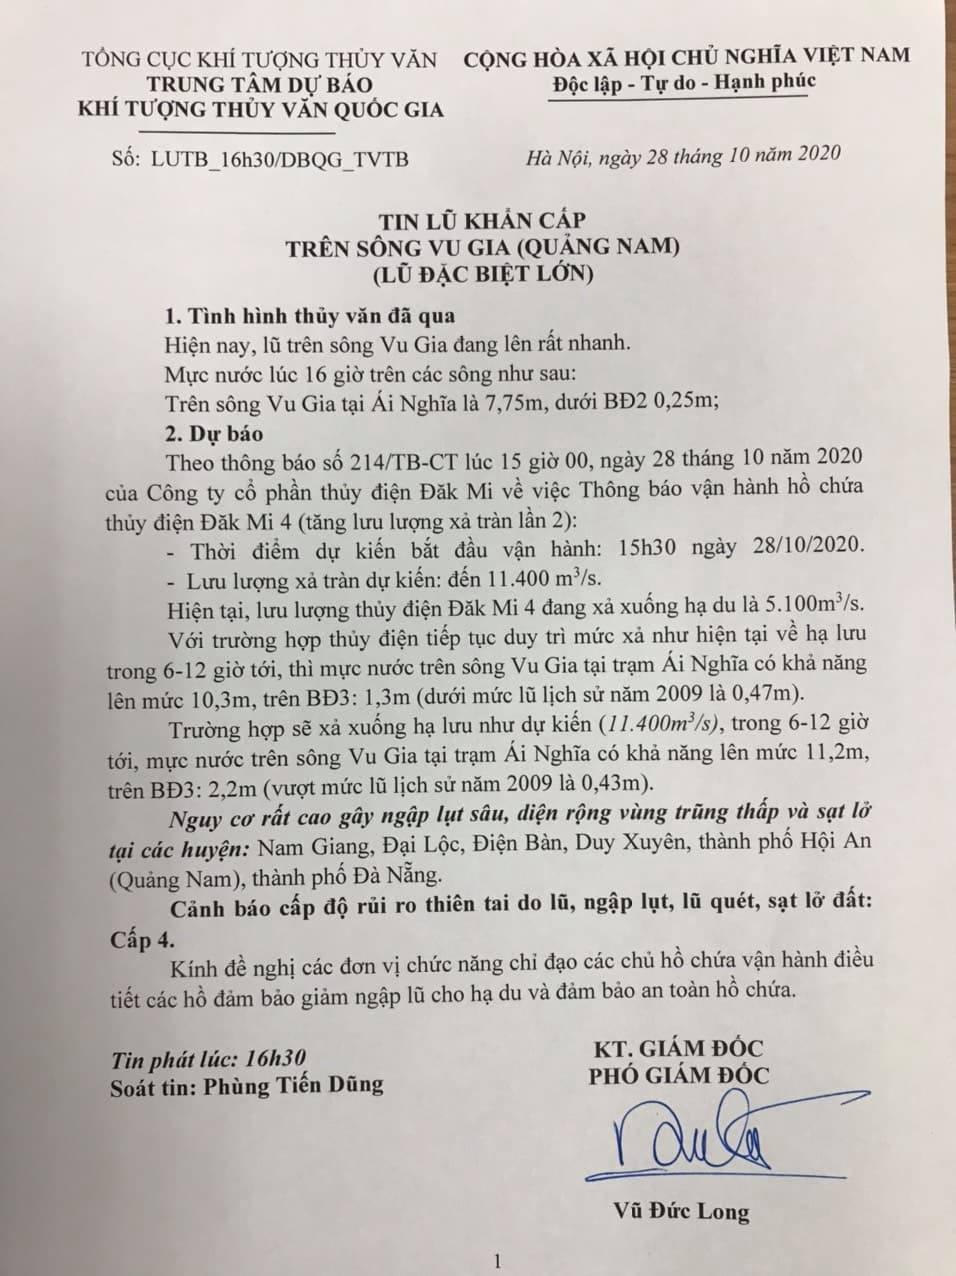 Thủy điện Đăk Mi 4 xả lũ, Quảng Nam đối diện lũ lịch sử - Ảnh 1